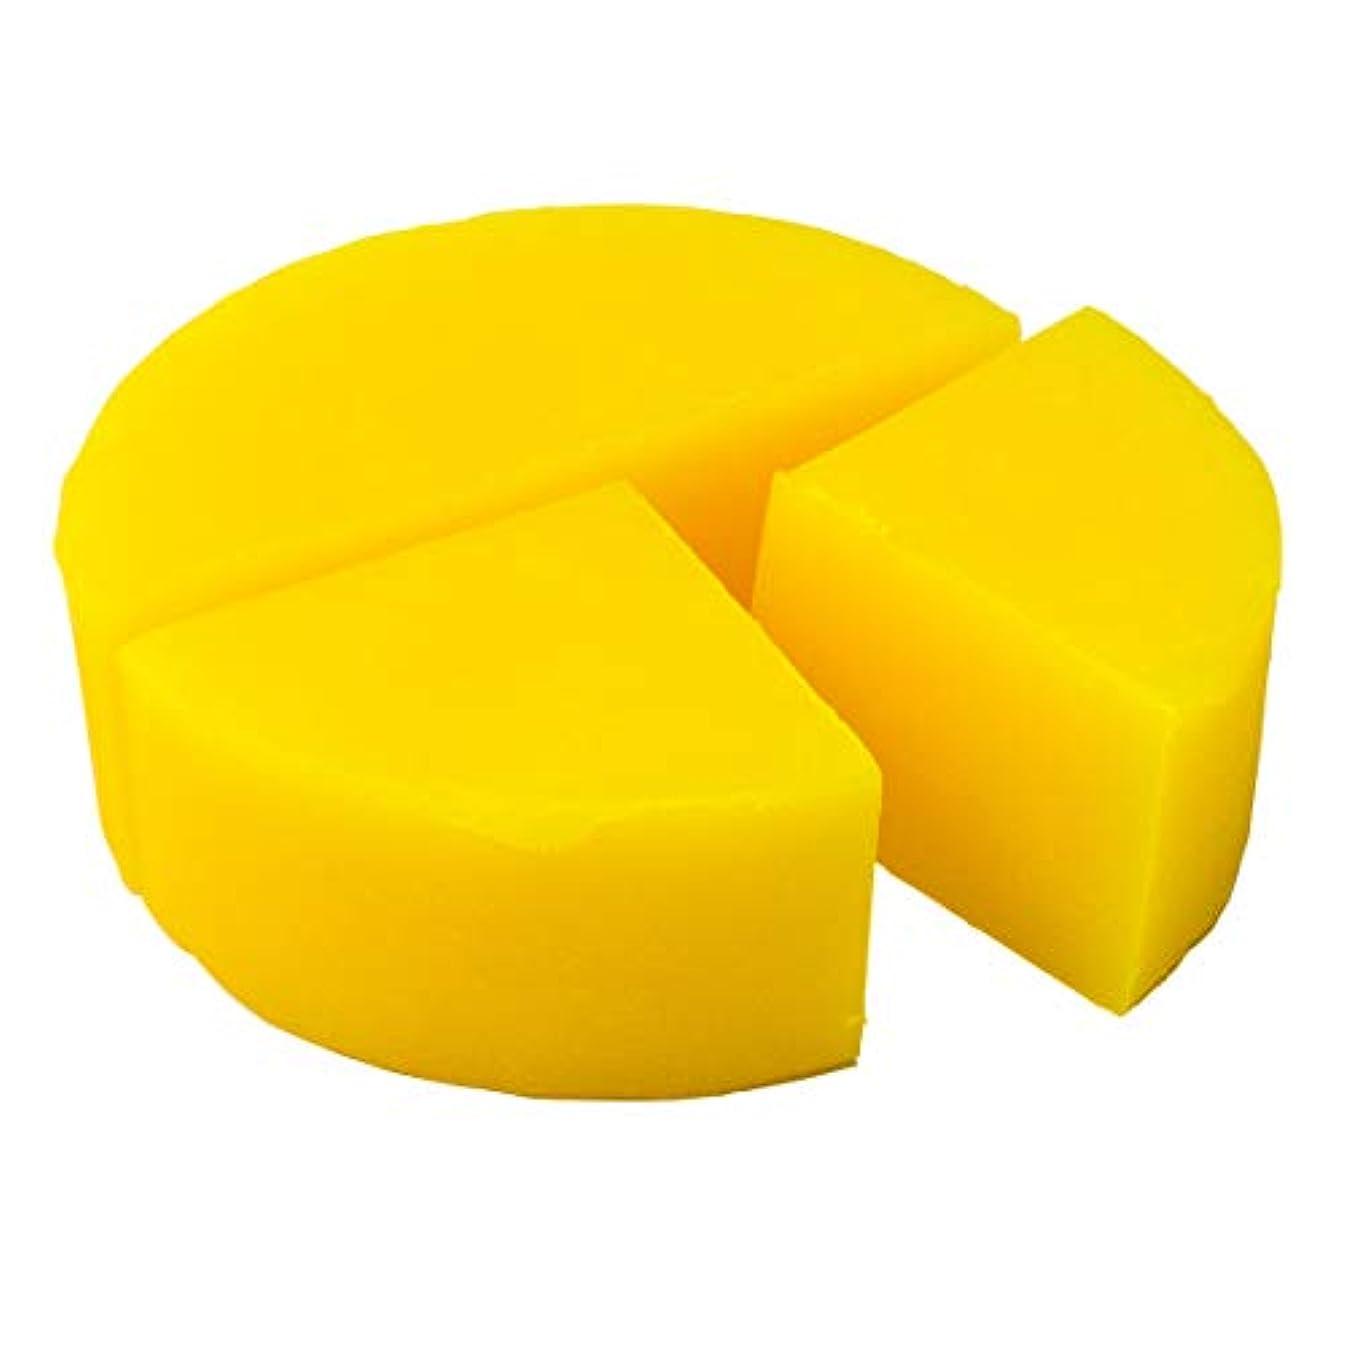 セールスマン危険なスペアグリセリン クリアソープ 色チップ 黄 100g (MPソープ)